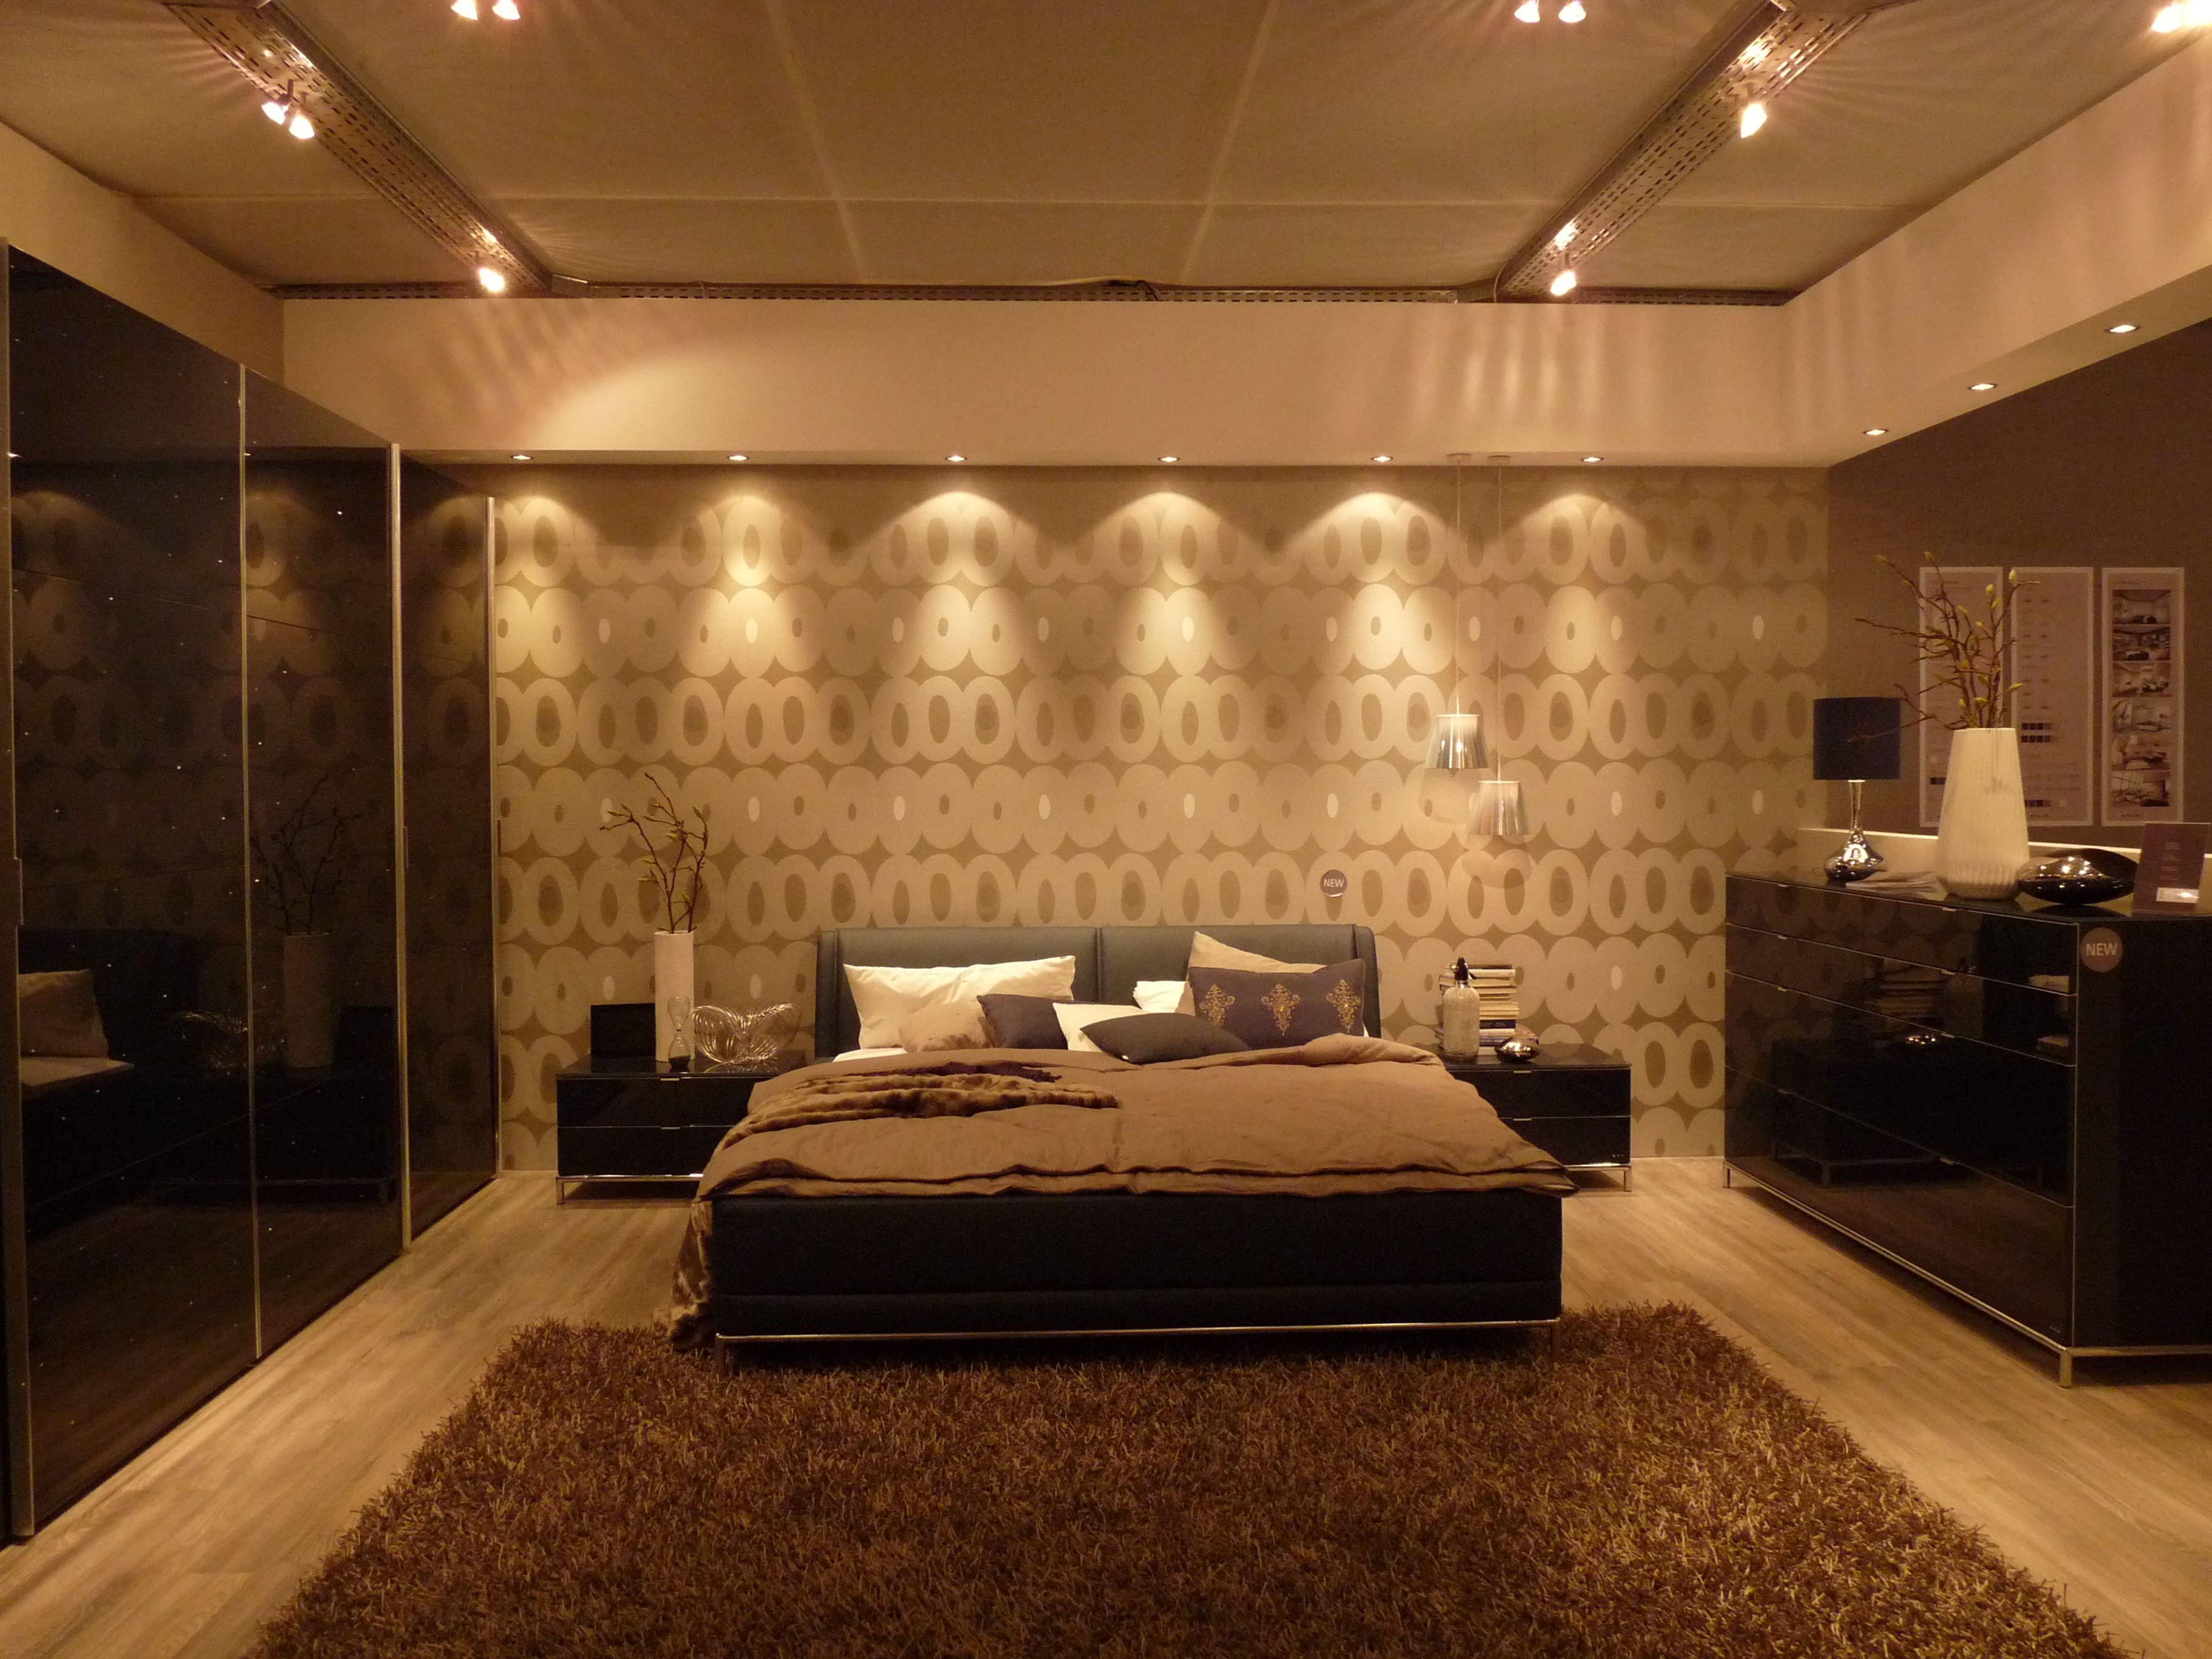 Schlafzimmer Hardeck ~ Kommode schlafzimmer schlafzimmer pinterest